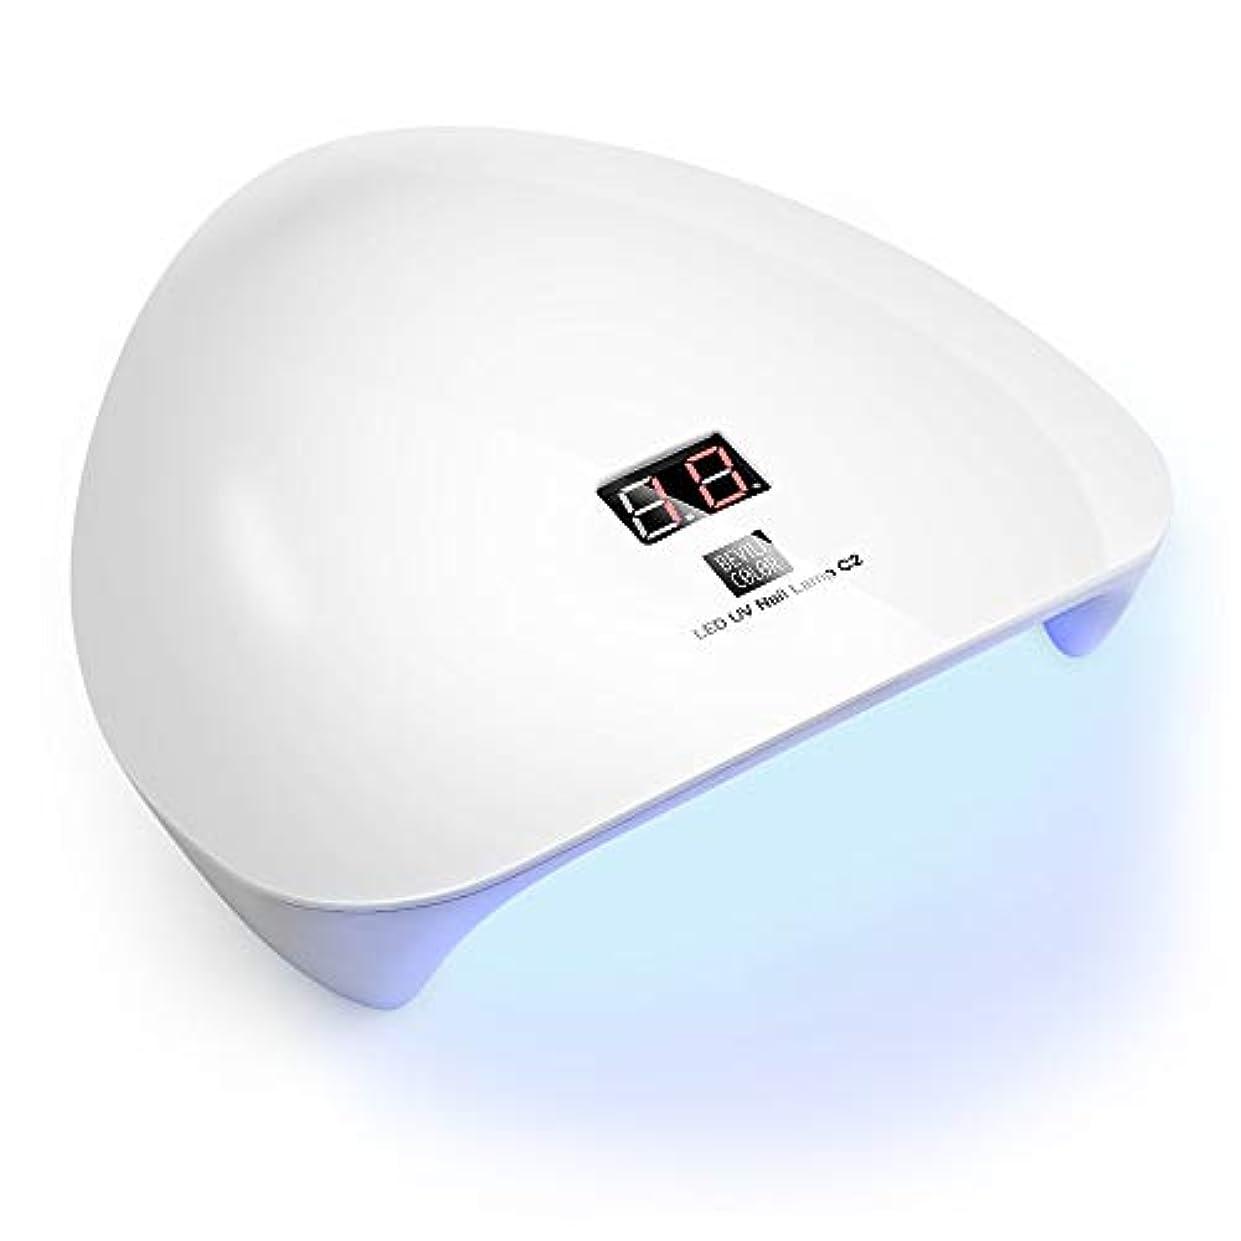 別々に風刺風邪をひくWEVILI ネイル硬化用ライト UVライト LEDライト UVライトネイルドライヤー マニキュア用 LED ネイルドライヤー タイマー機能 自動センサー機能 レジン 便利 (45W 硬化用UVライト)